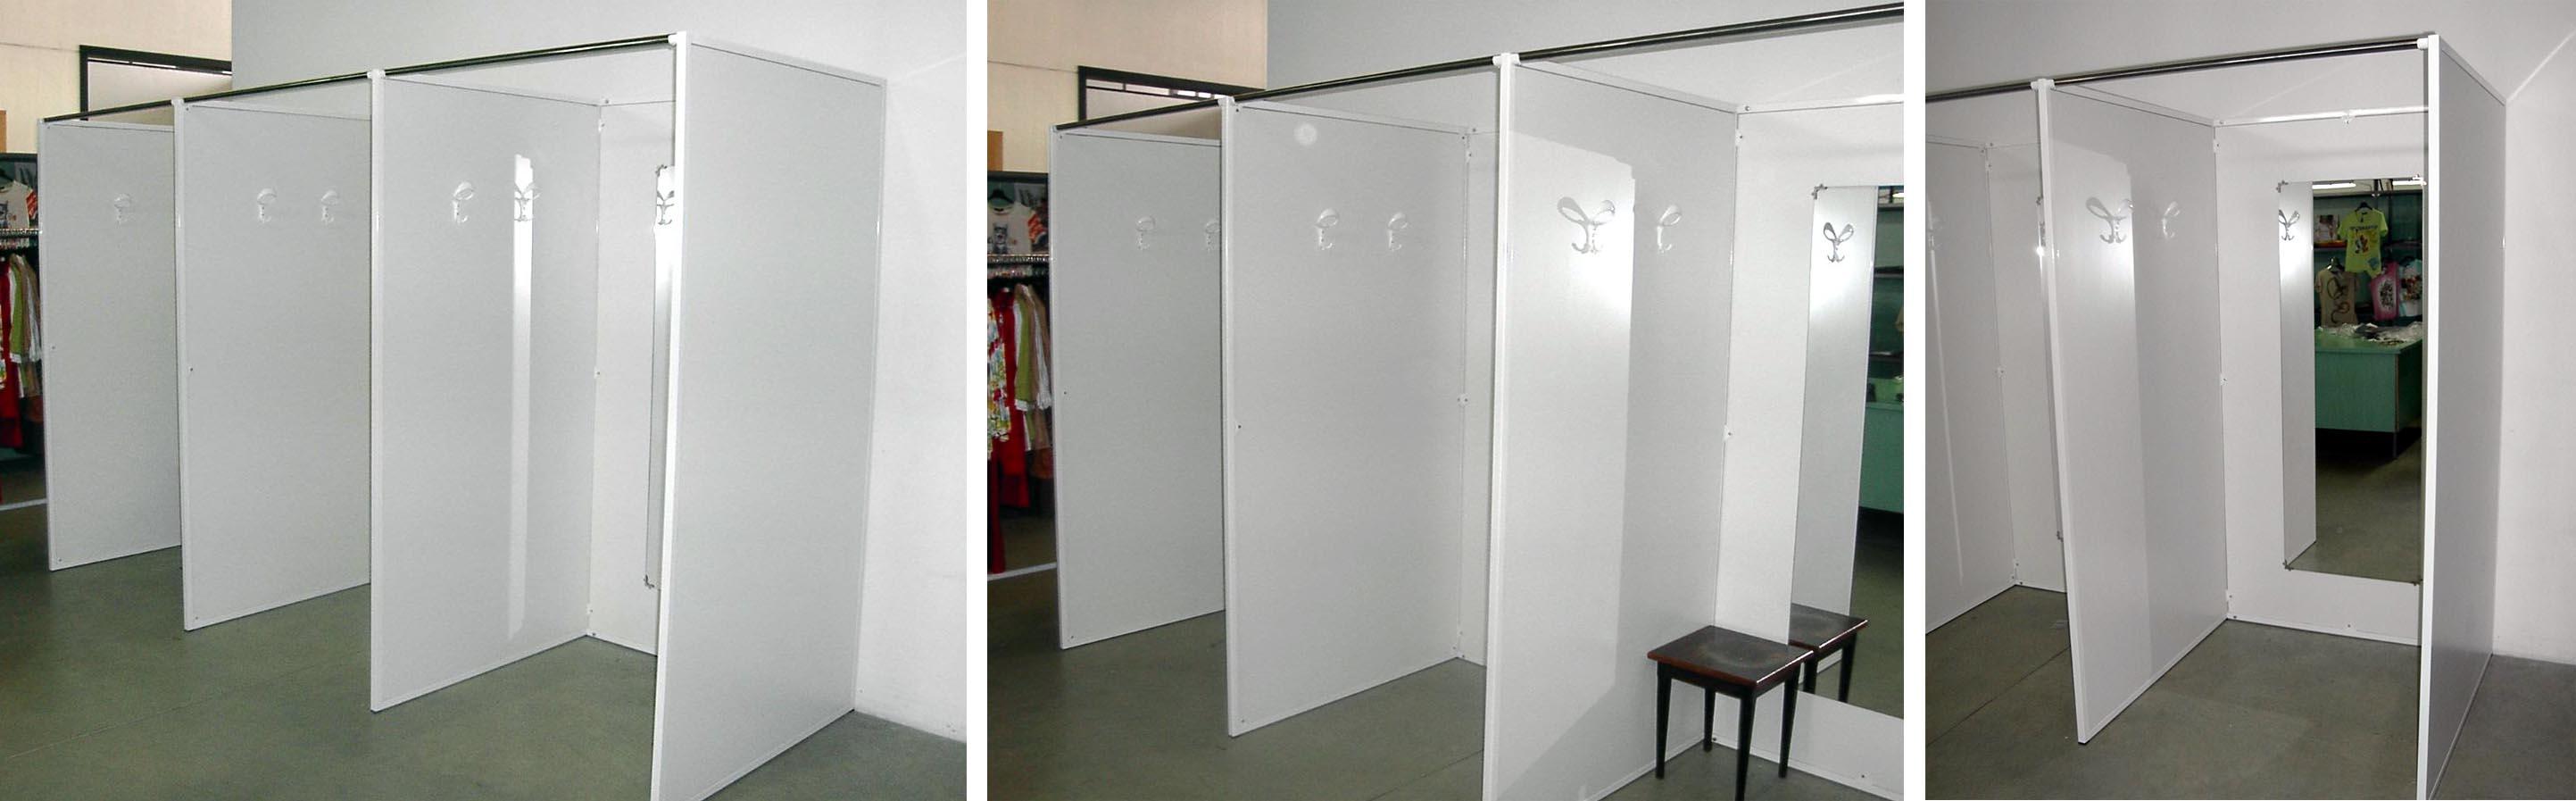 Le cabine prova per il web il rischio dei negozi classici - Dimensione mobili ...